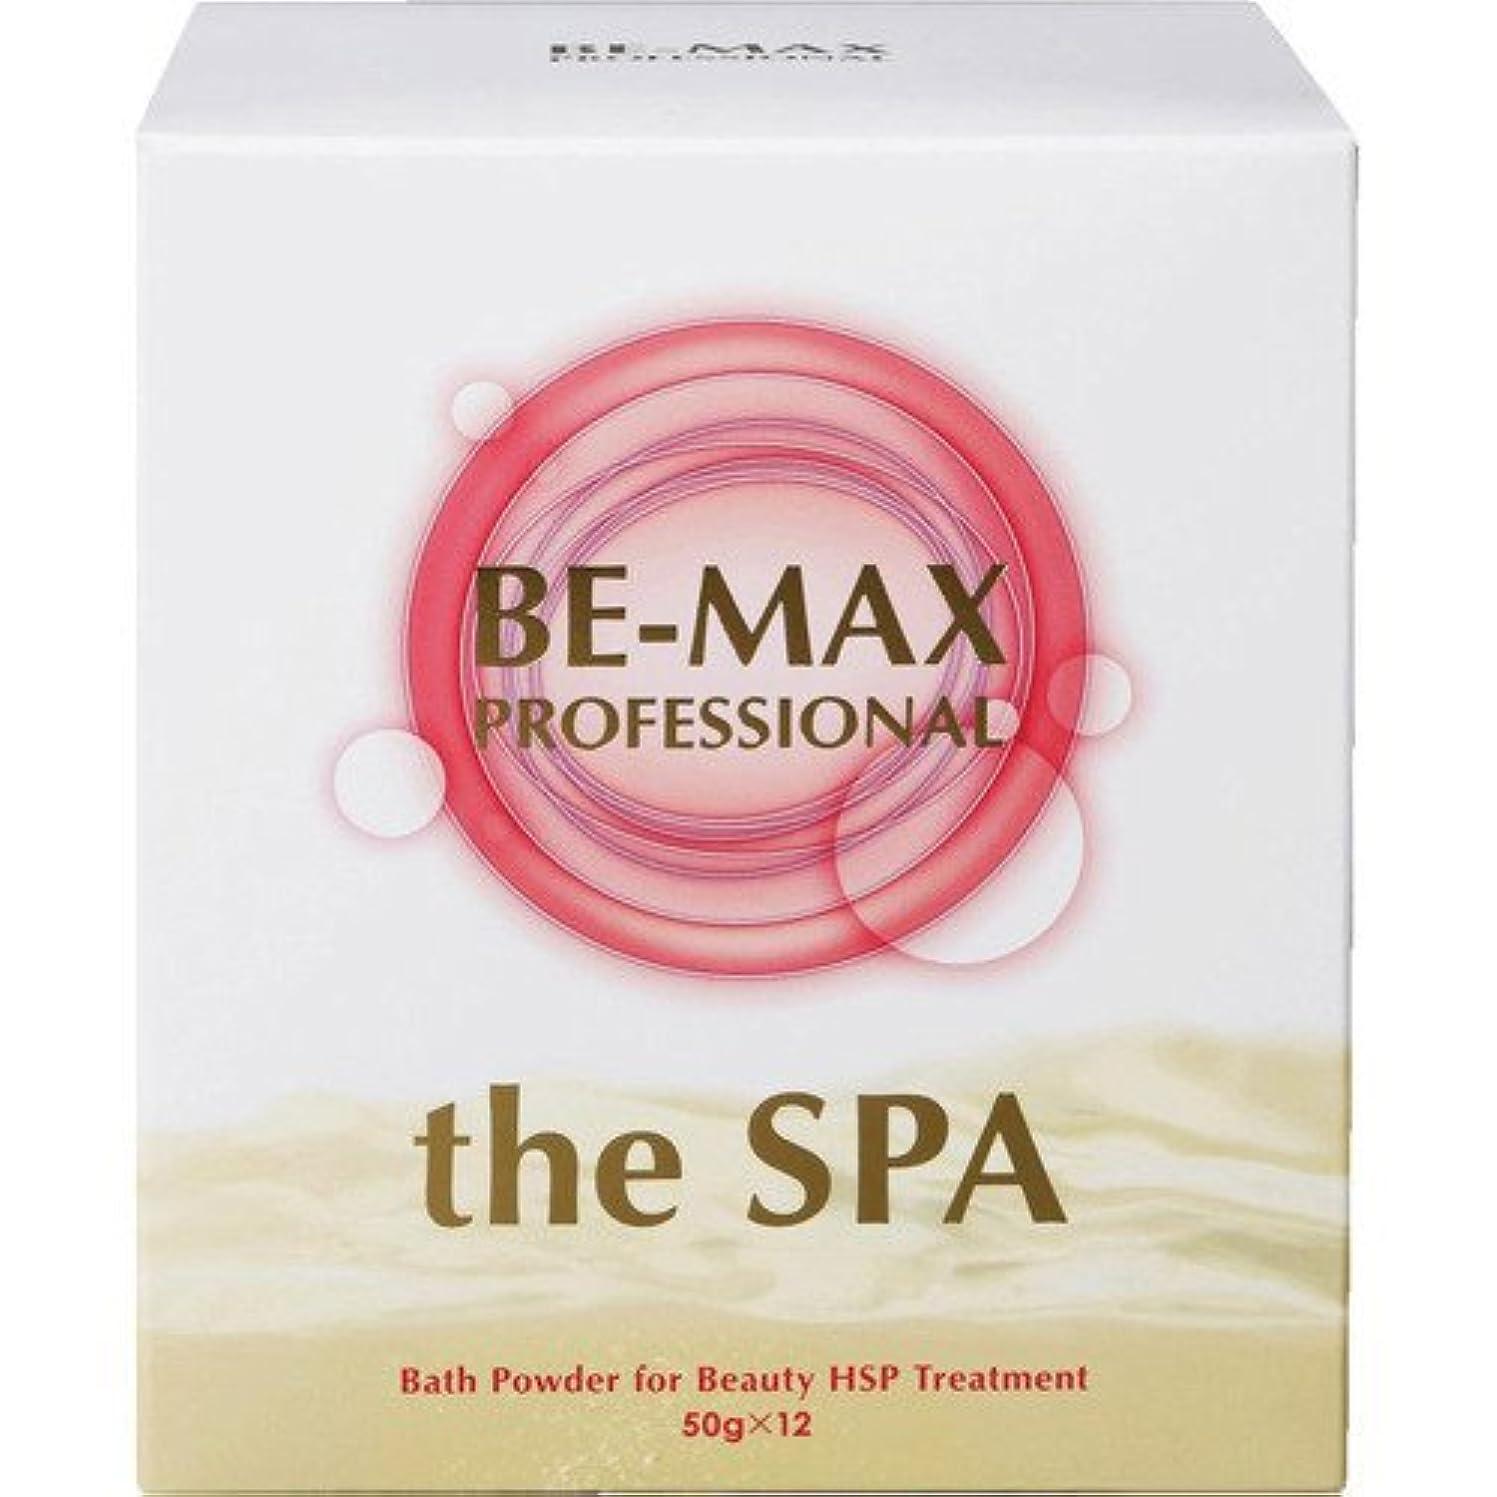 霧深い分海岸BE-MAX PROFESSIONAL the SPA(ザ?スパ) ビーマックスプロフェッショナル ザ?スパ バスパウダー 50gx12包 (4571132621587)